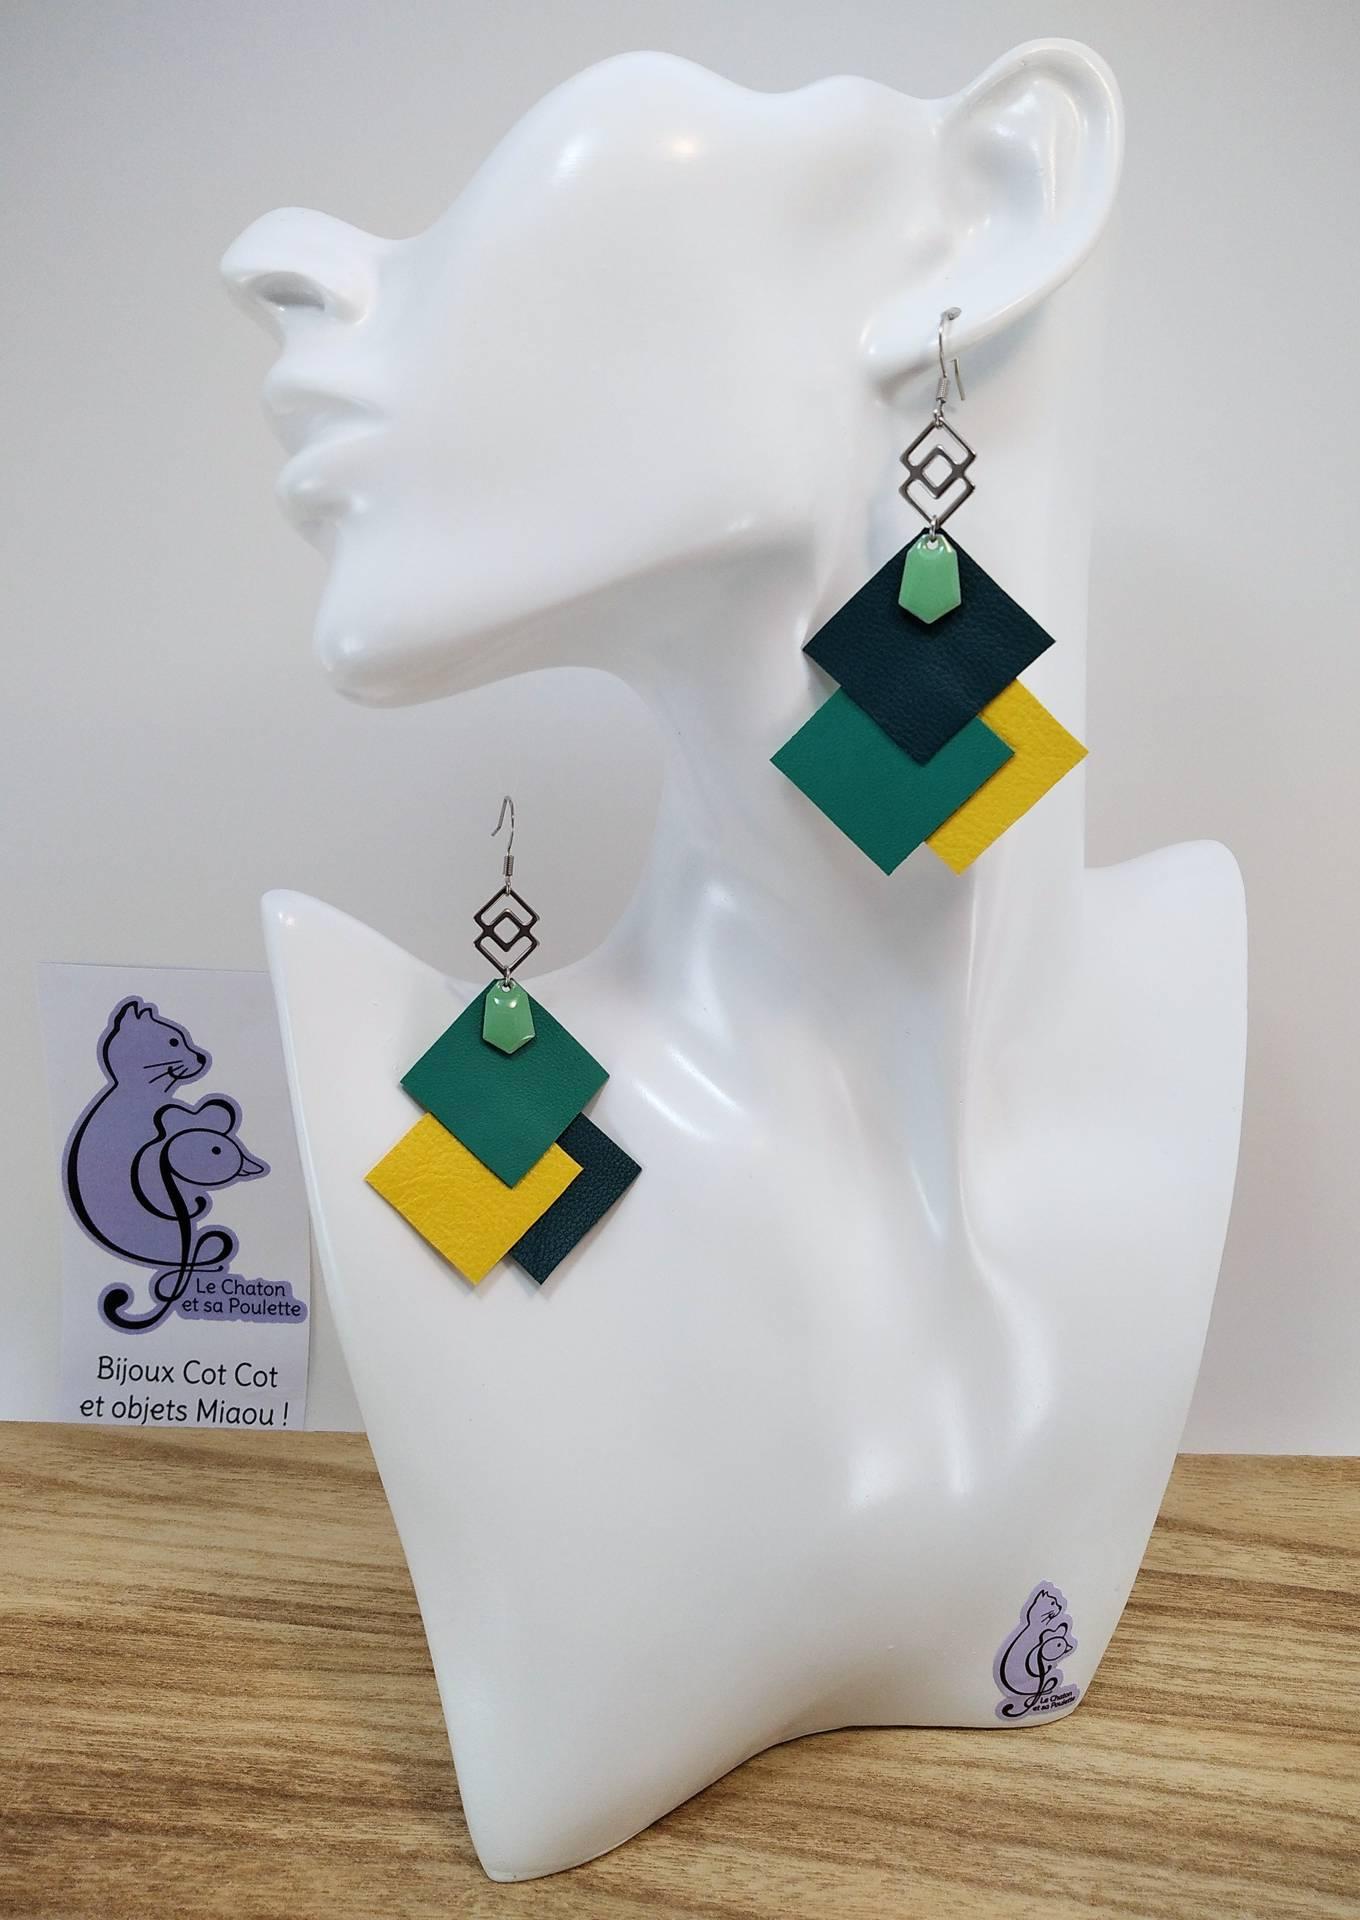 VENDUES ! B.O. FORMIDABLE modèle 6 Cuirs vert émeraude/vert prasin/jaune, breloque inox carrés entrelacés et diamant vert d'eau